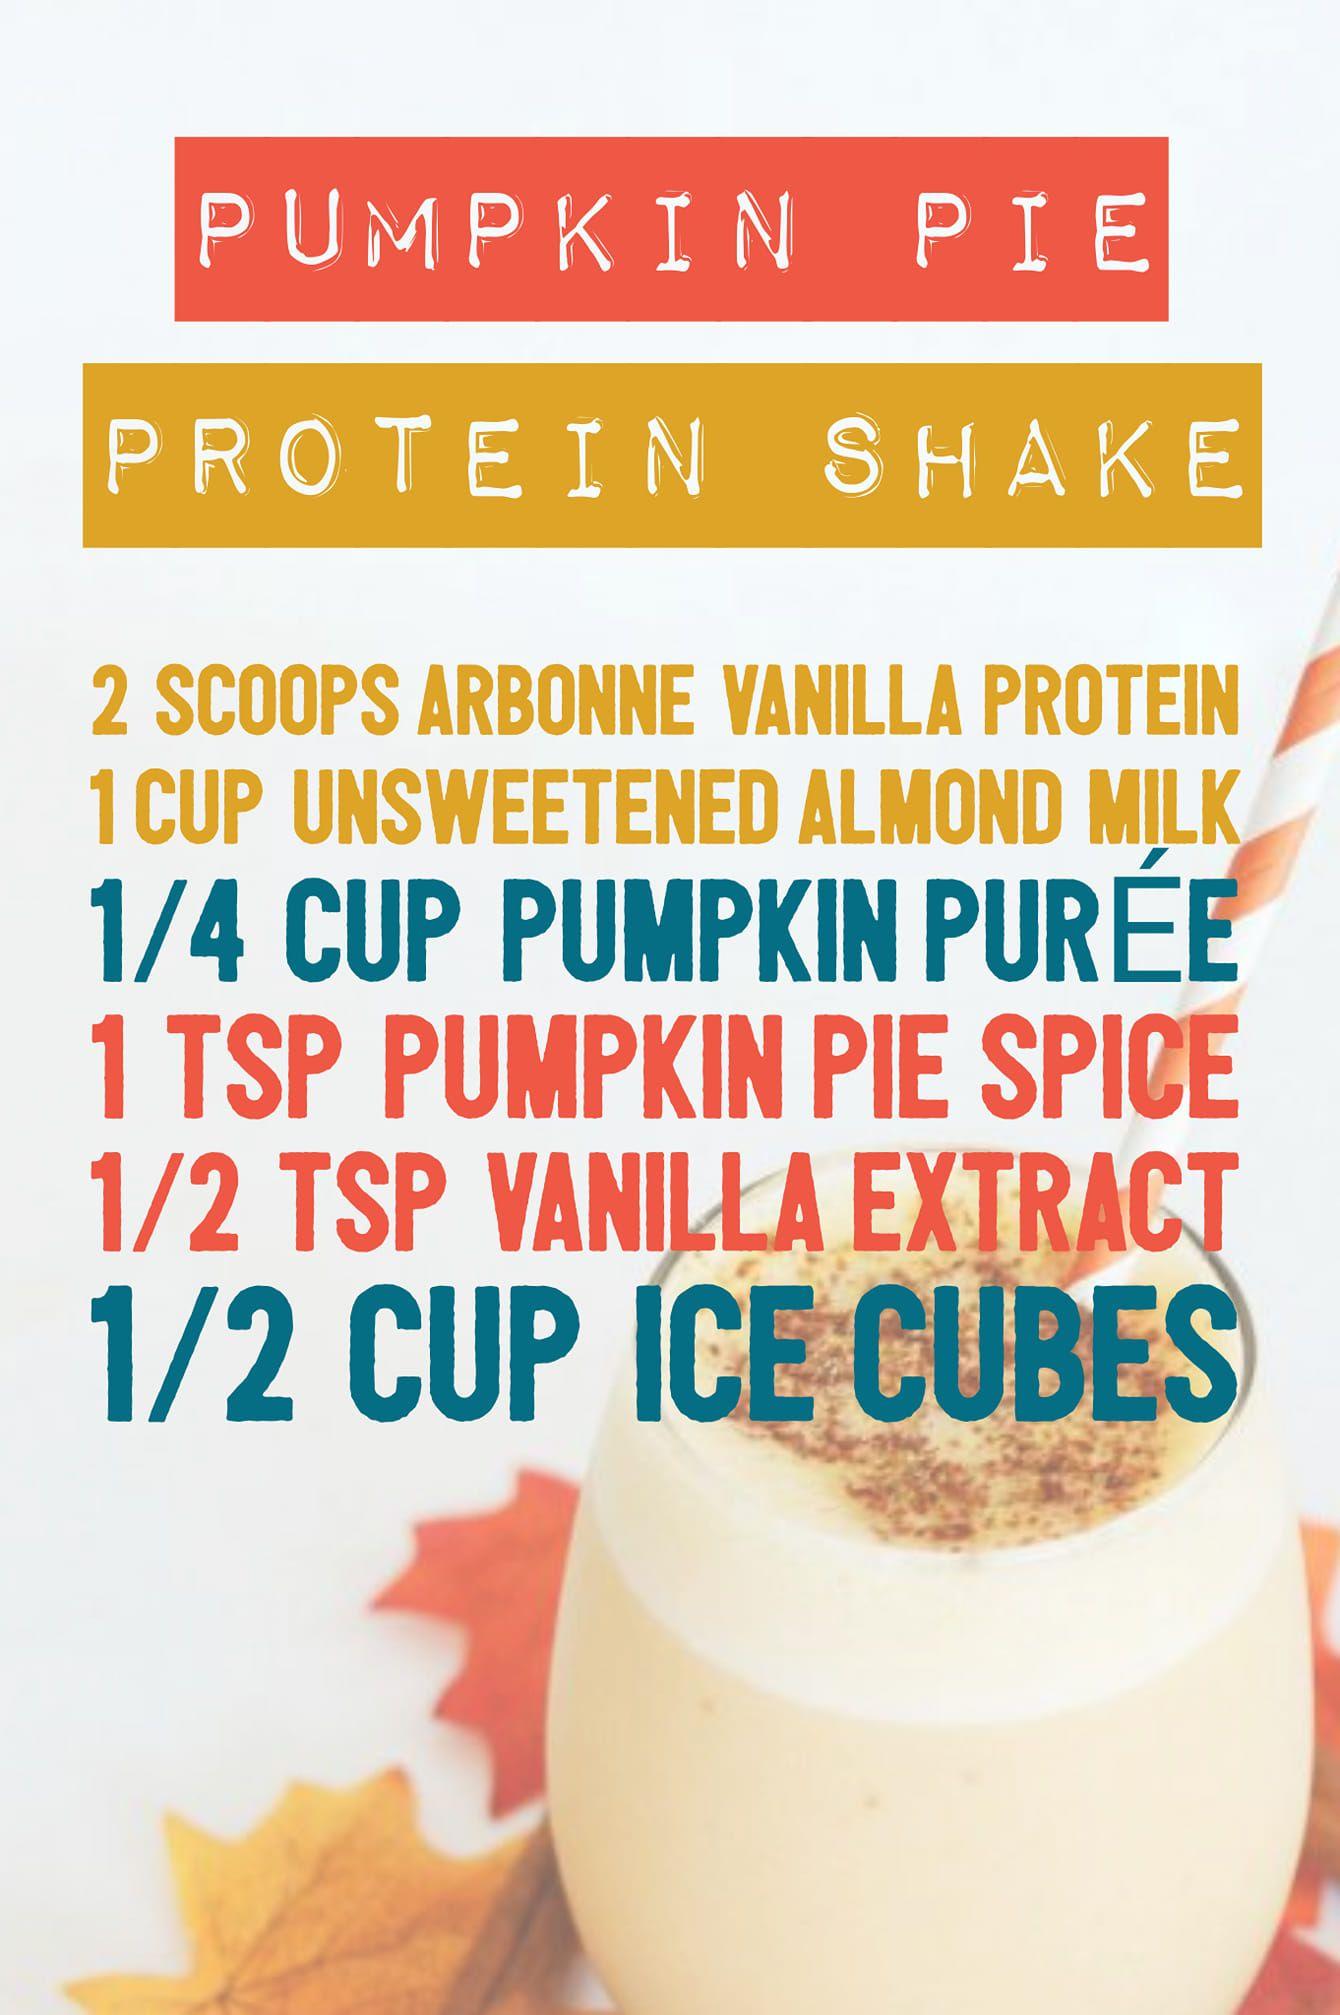 Delish Pumpkin Pie Protein Shake w/ Arbonne Vanilla Protein #arbonnerecipesdetox